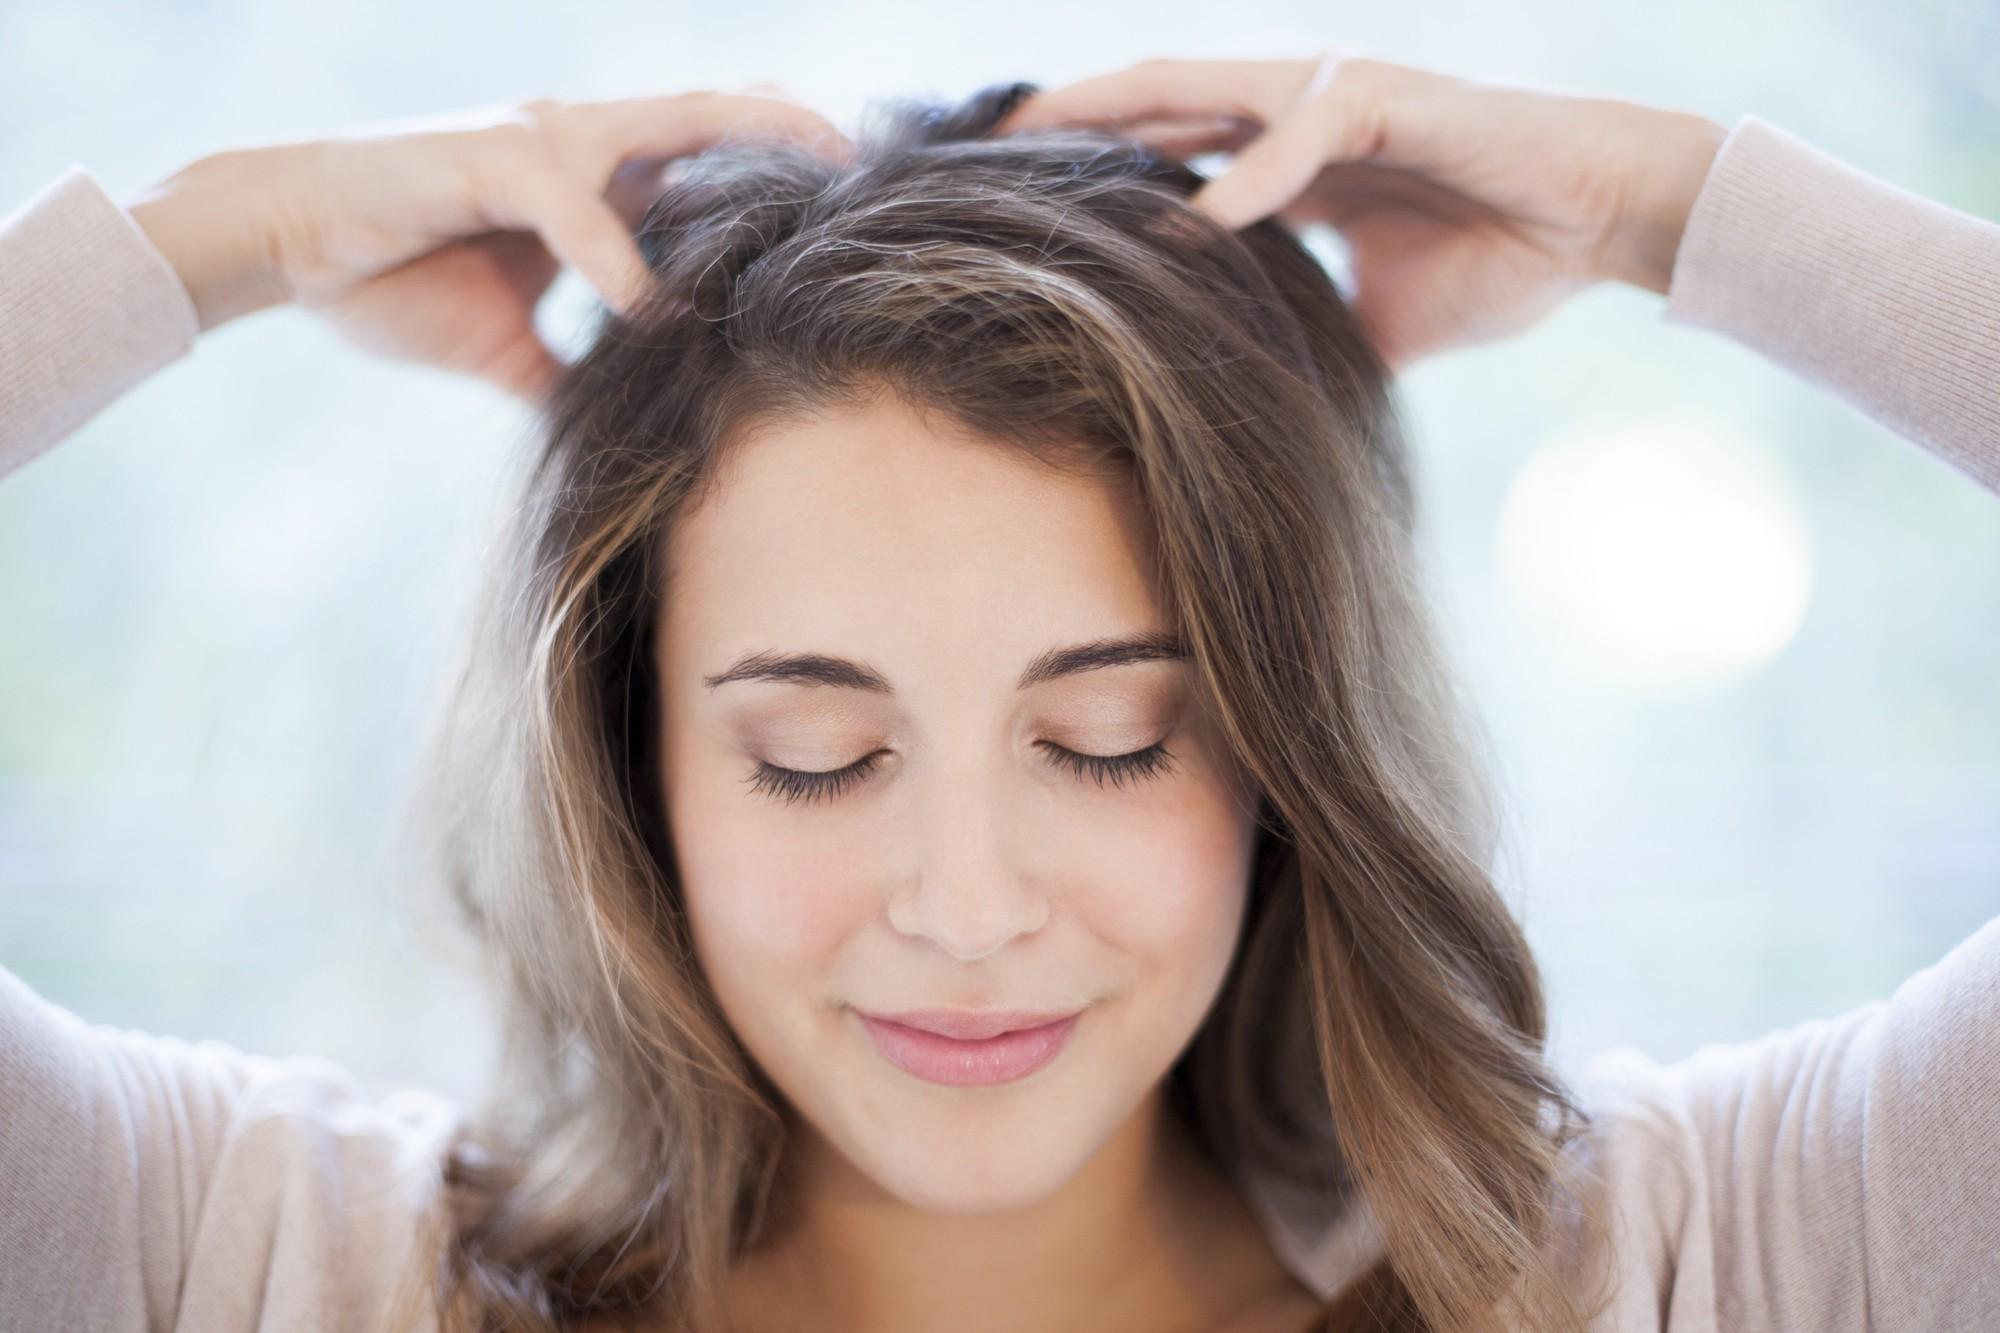 Phụ nữ U40 cũng trẻ đẹp ra cả chục tuổi nếu thường xuyên làm những việc này mỗi tối trước khi đi ngủ  - Ảnh 3